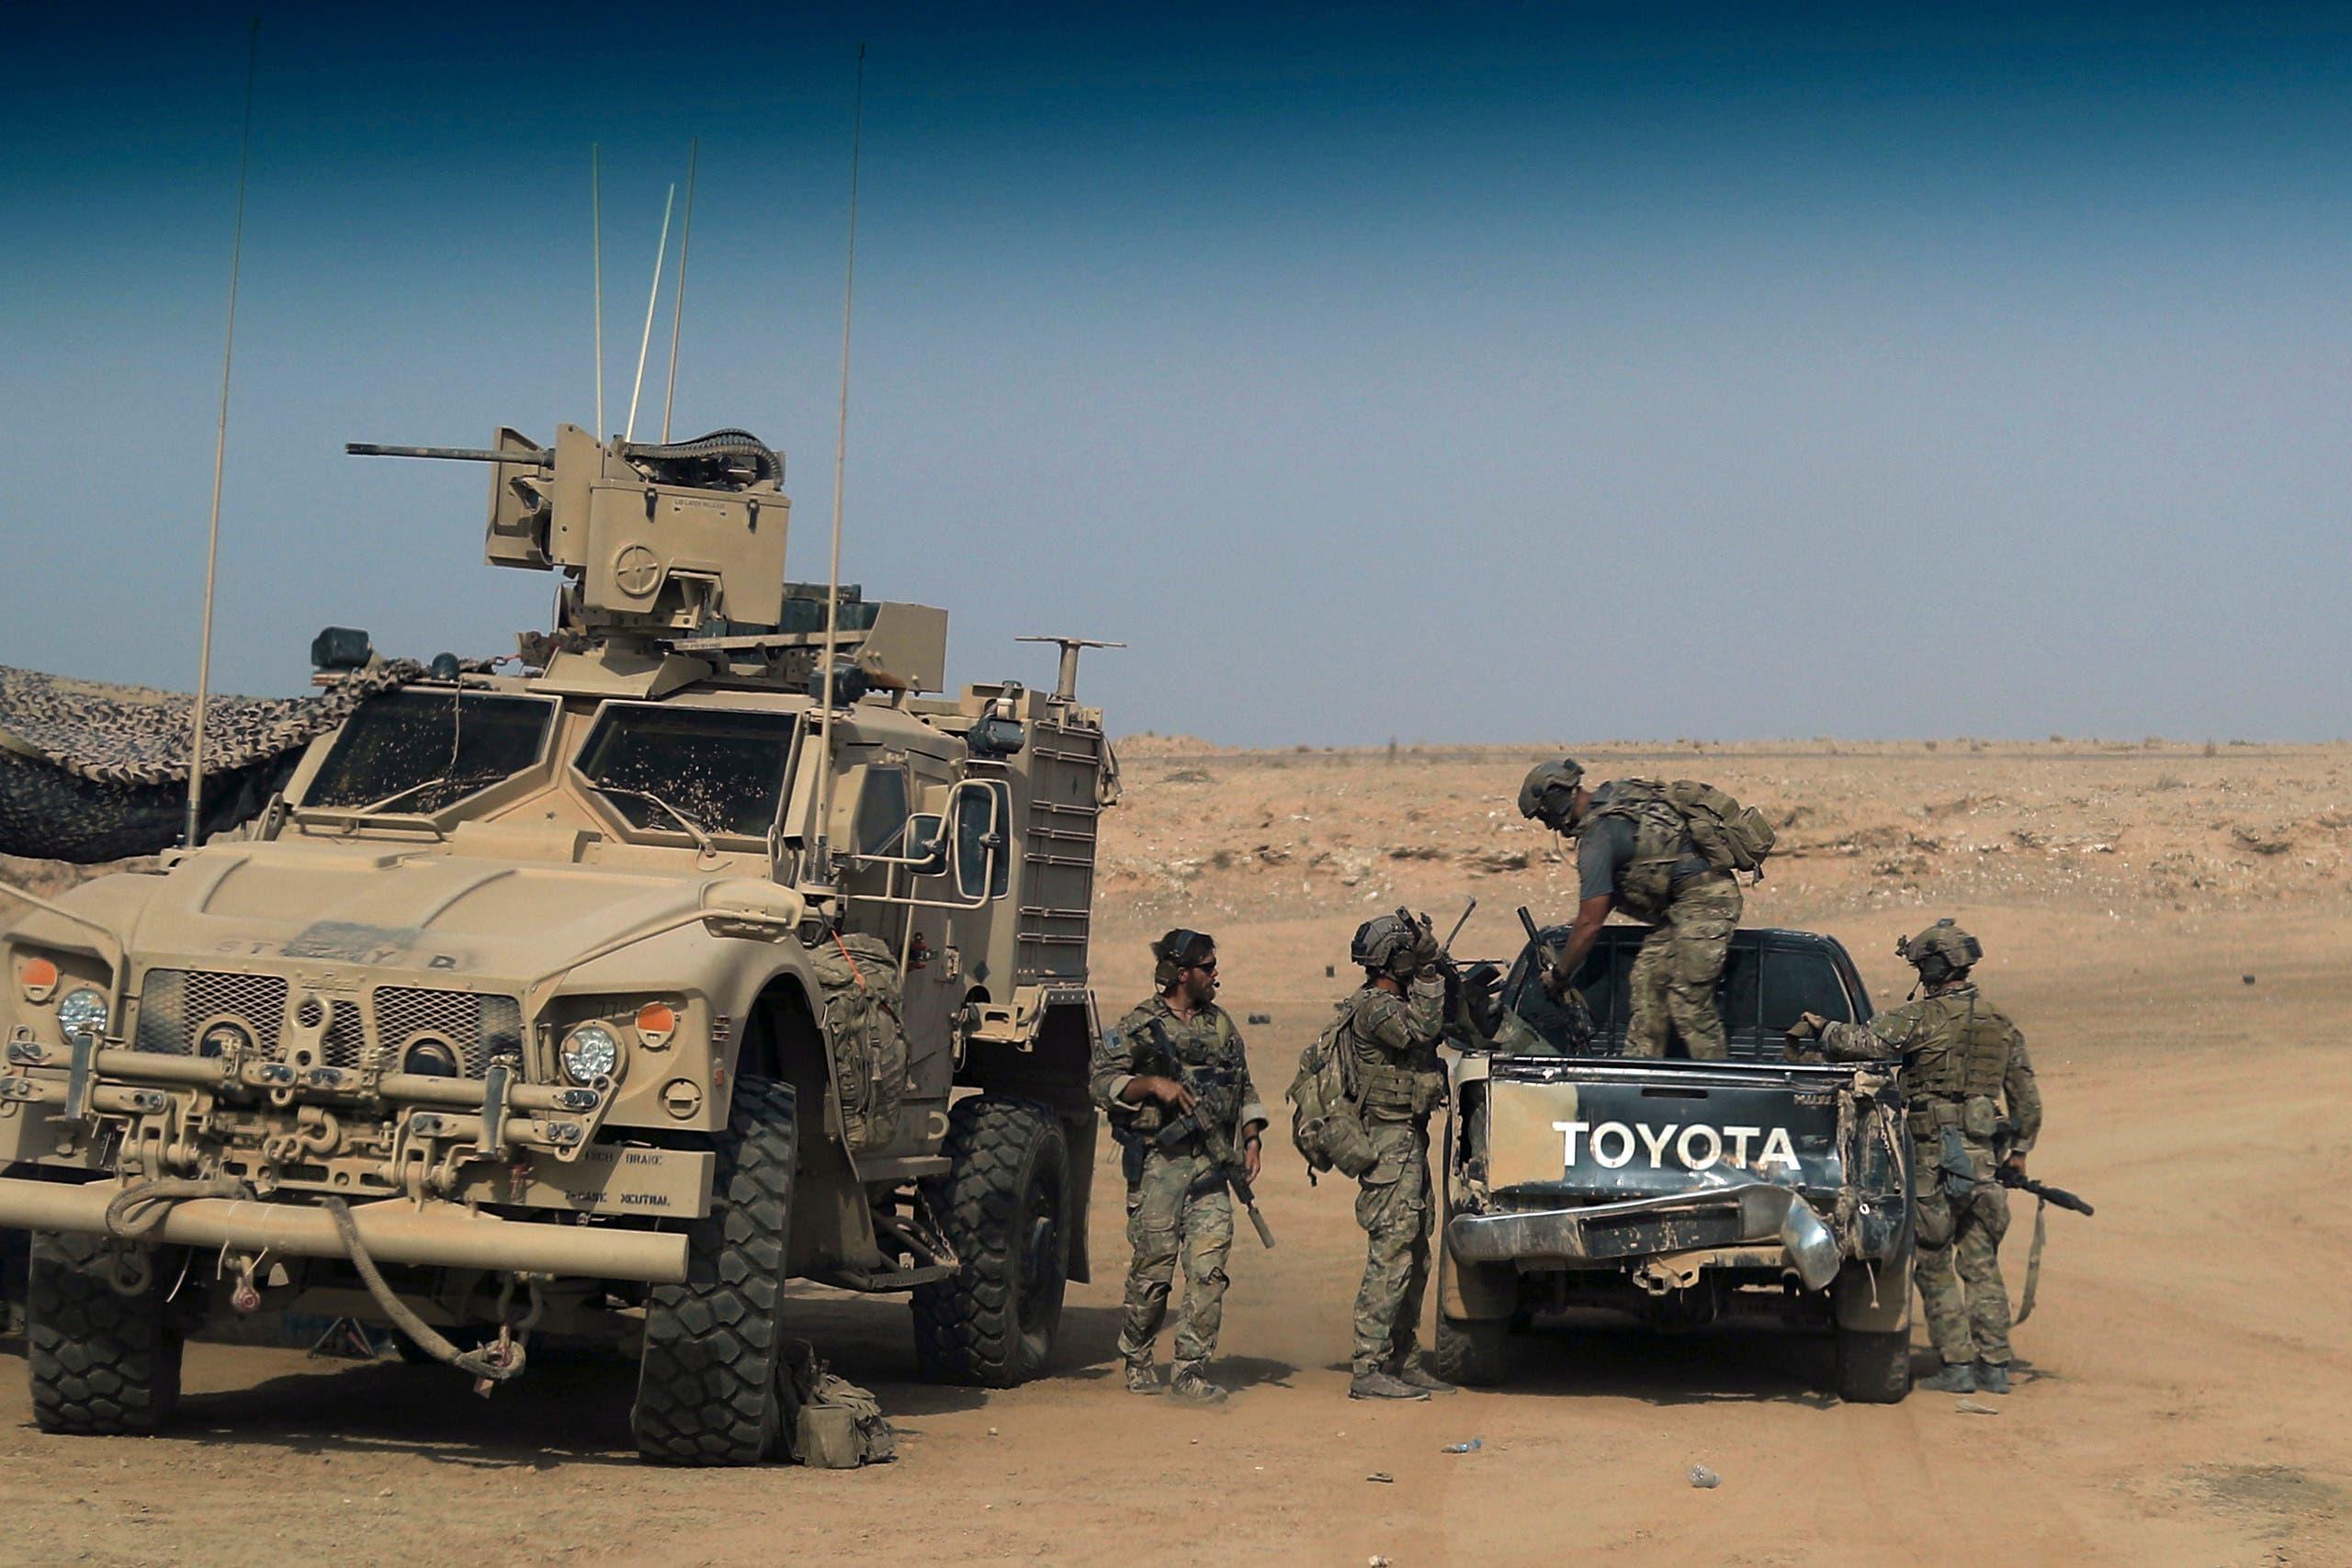 عناصر من قوات سوريا الديمقراطية المدعومة من قبل التحالف الدولي قرب منطقة السوسة في دير الزور(أرشيفية)